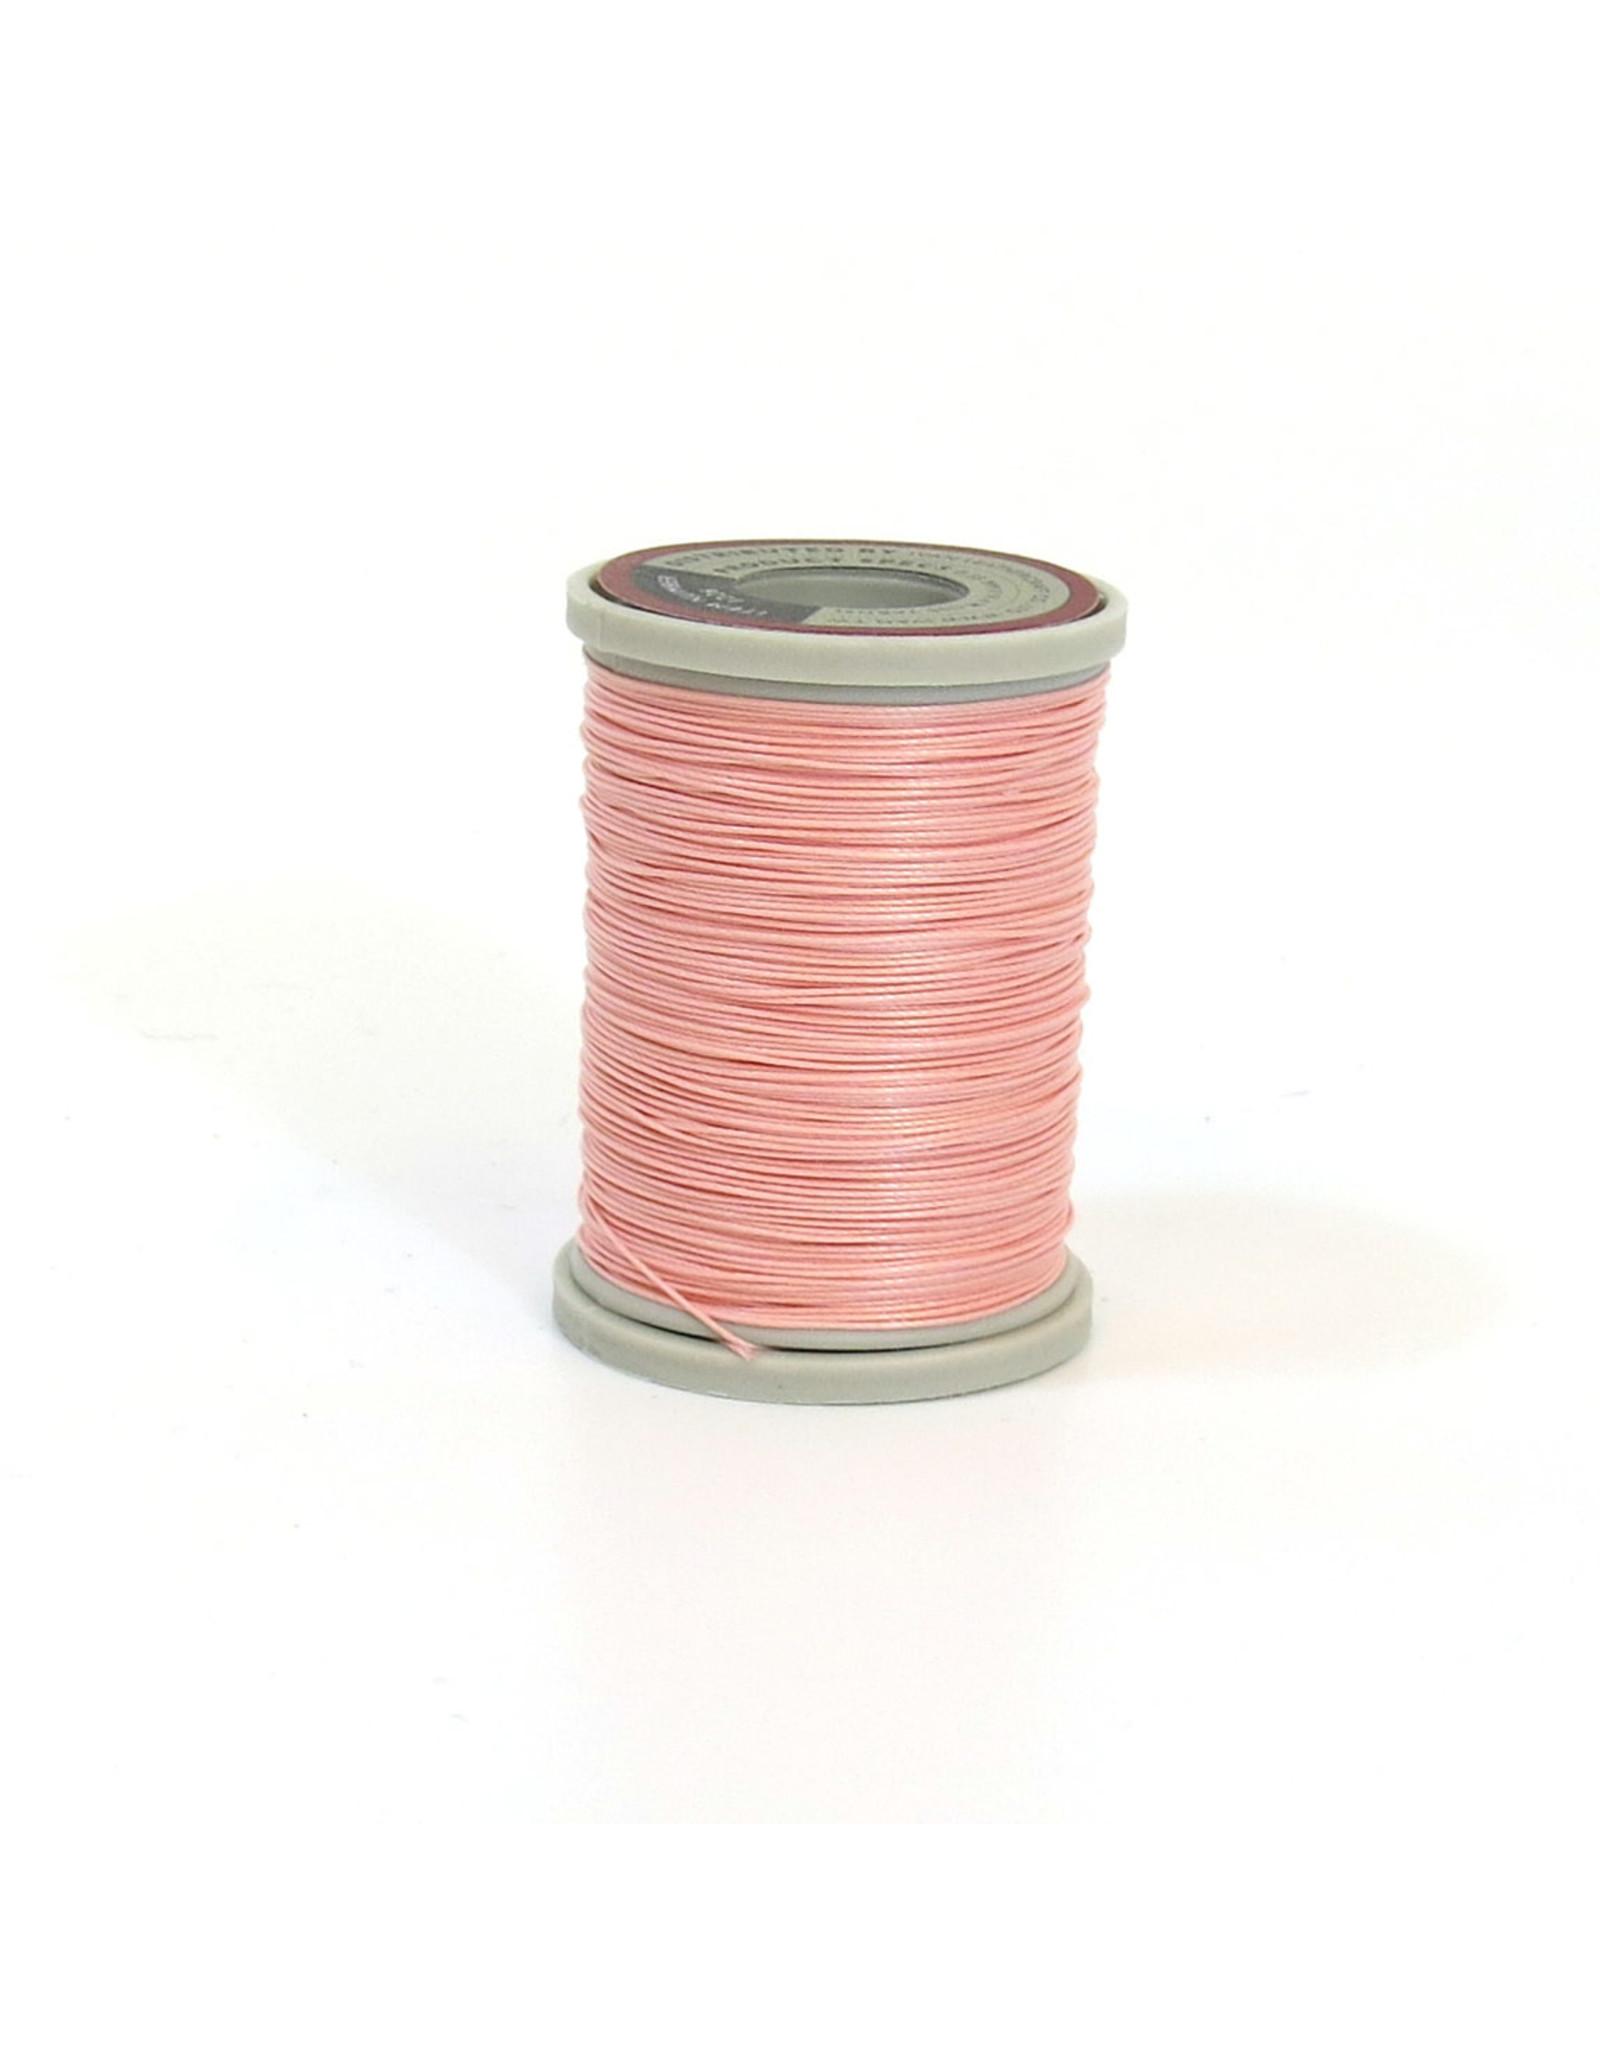 Handnaaigaren Pastel Roze